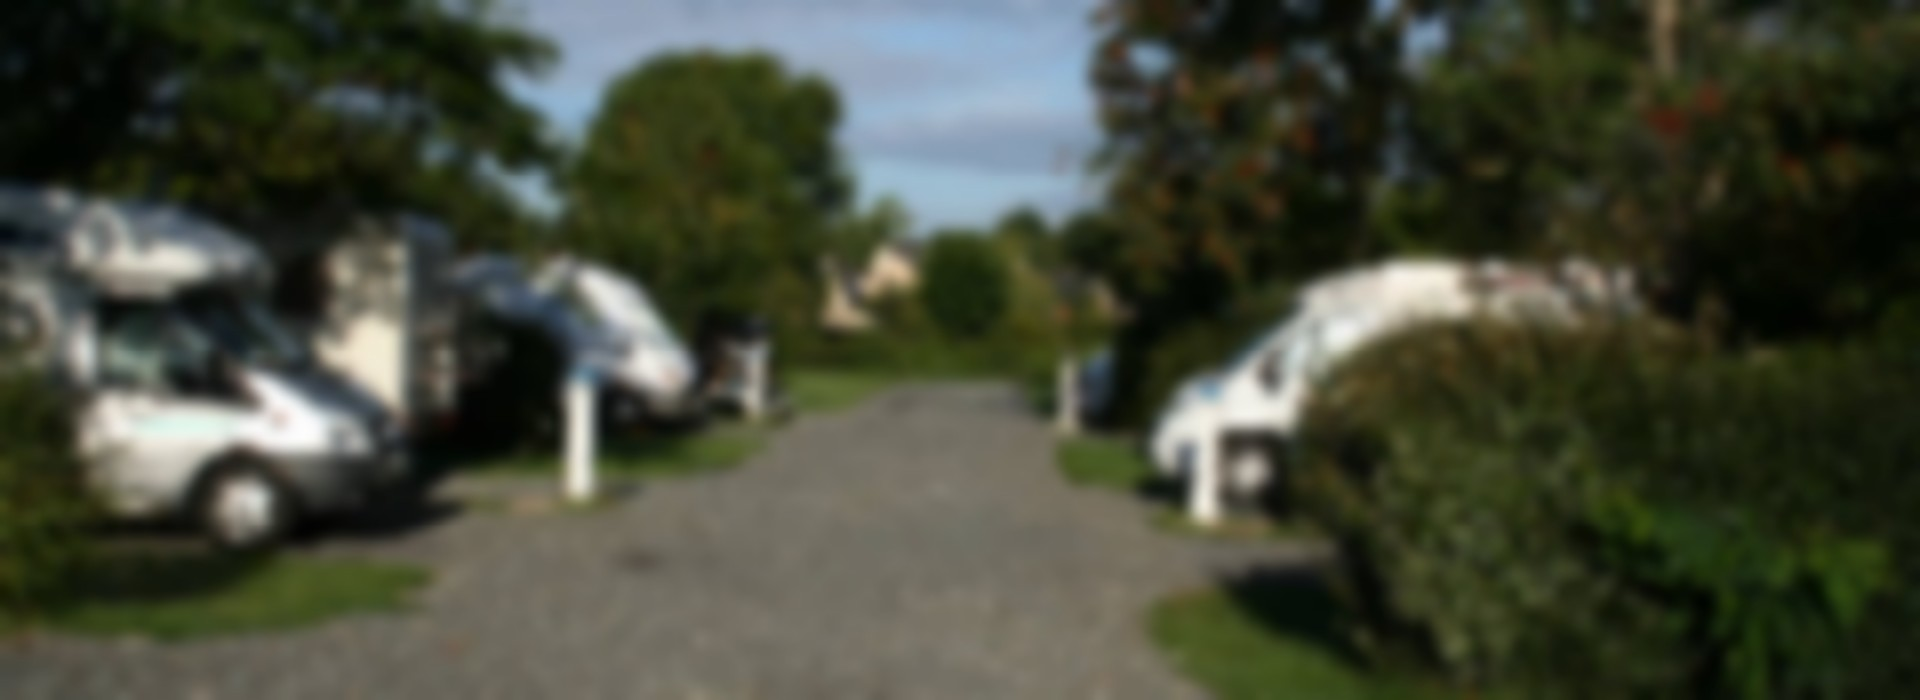 aire de camping cars de st jean sur mayenne stellpl tze f r wohnmobile frankreich pays de la loire. Black Bedroom Furniture Sets. Home Design Ideas